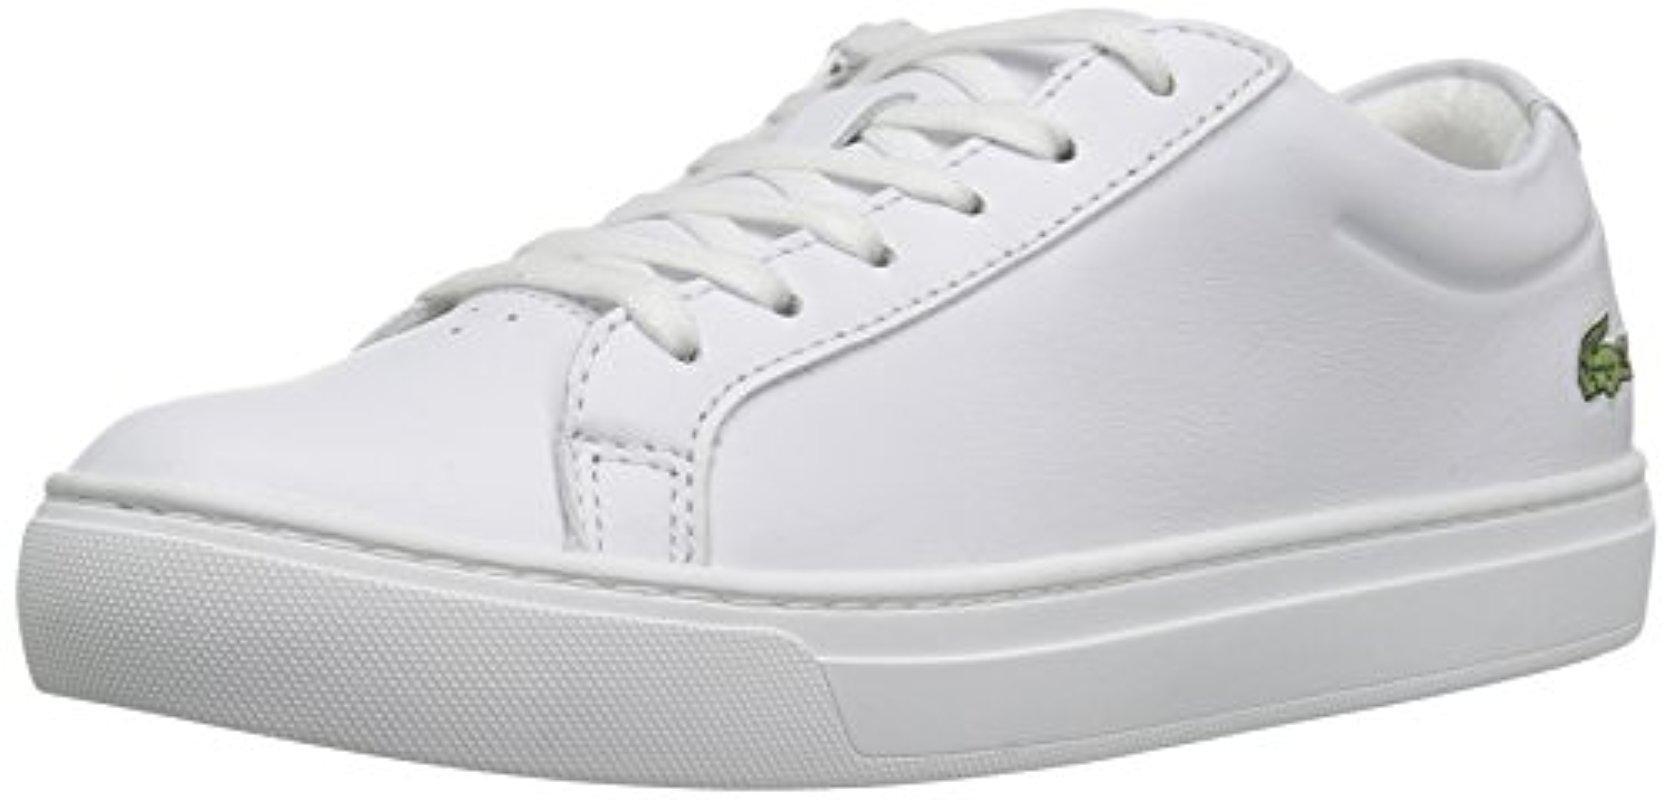 Lacoste. Women's White L.12.12 117 1 Fashion Sneaker